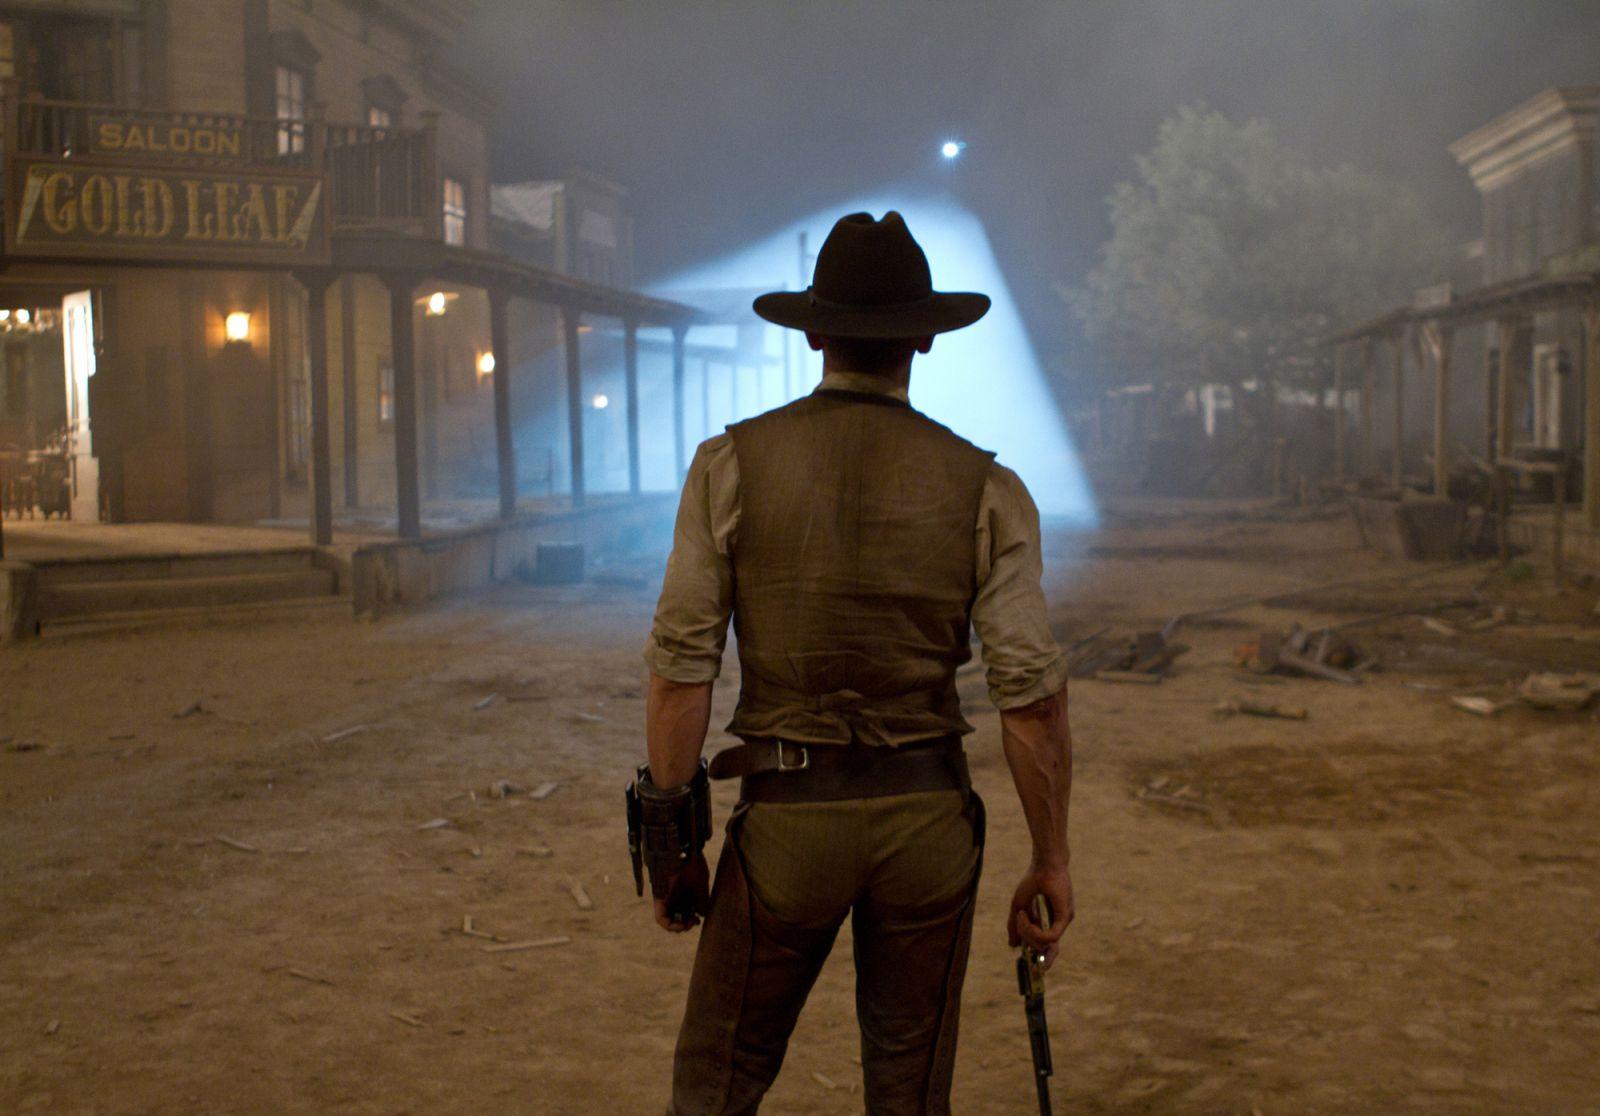 http://1.bp.blogspot.com/-ogQfN3DNWMM/Tm0PTZV3XBI/AAAAAAAAARI/RAxYAvJuebk/s1600/cowboys_and_aliens_005.jpg